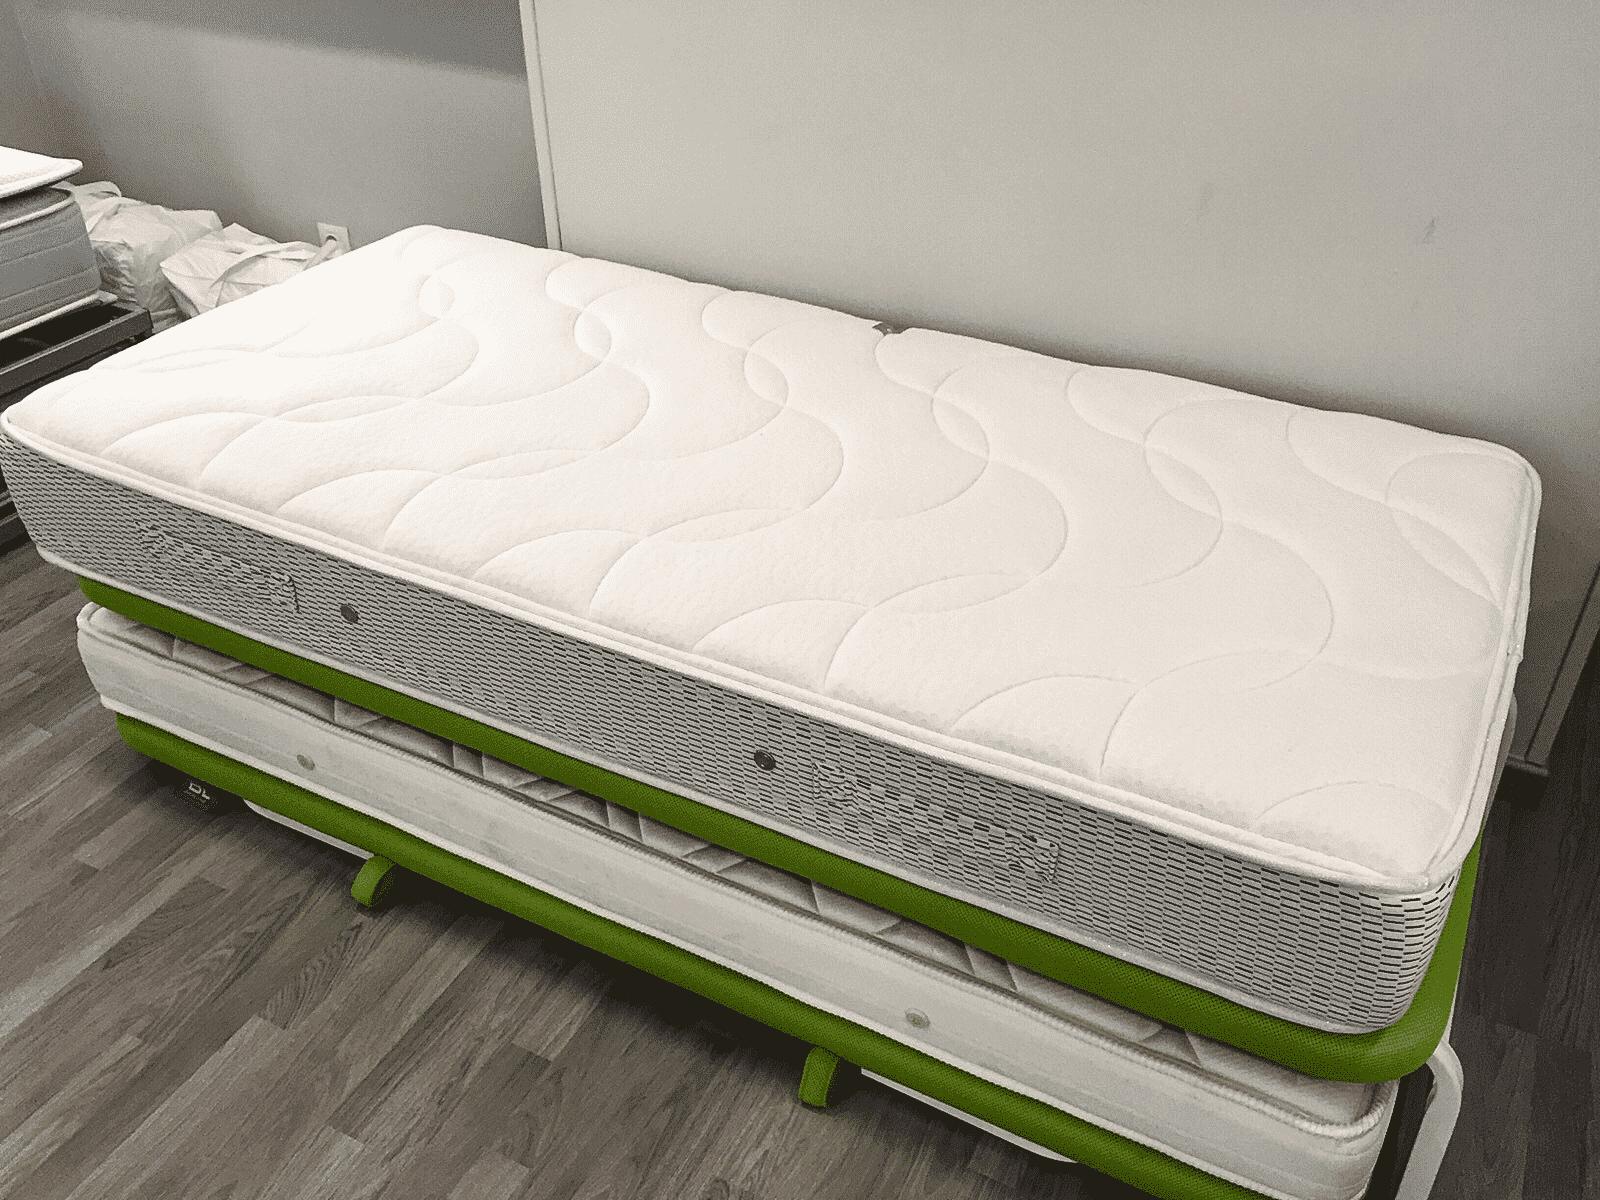 camas nido comprar una cama nido barata